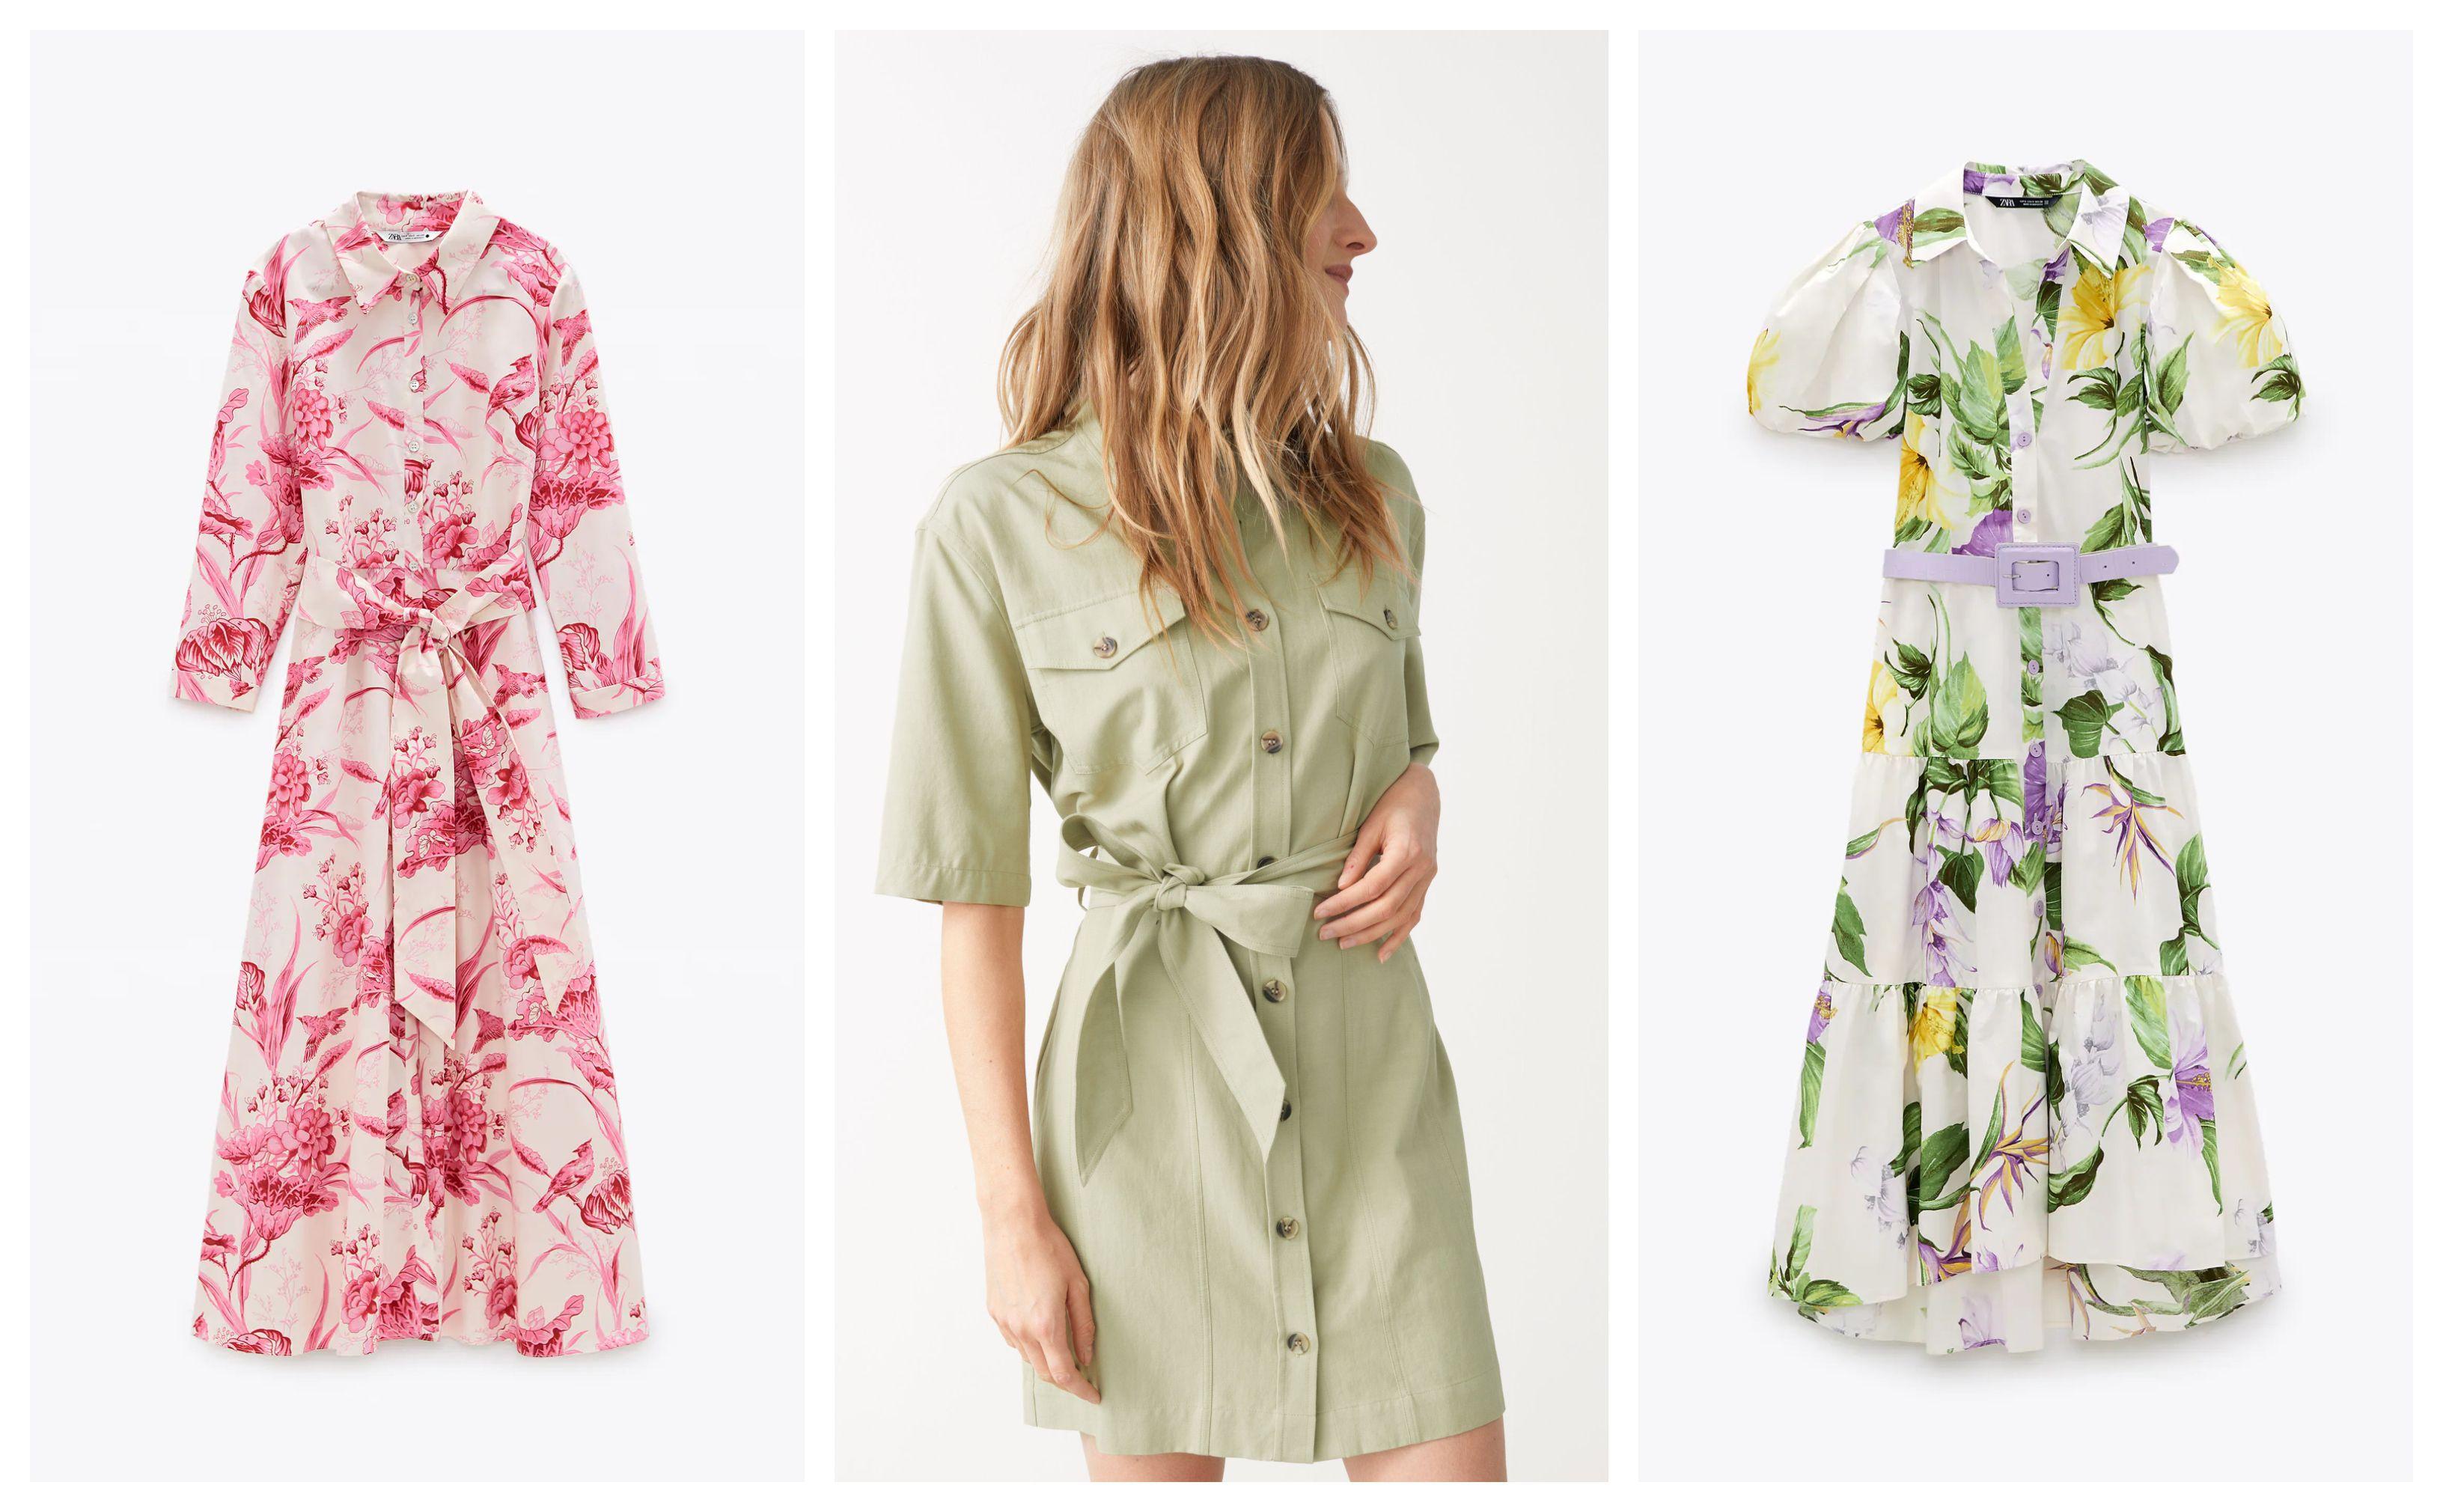 Najstylish odabir za ljetne dane: Haljina-košulja spas je na visokim temperaturama u poslovnom odijevanju